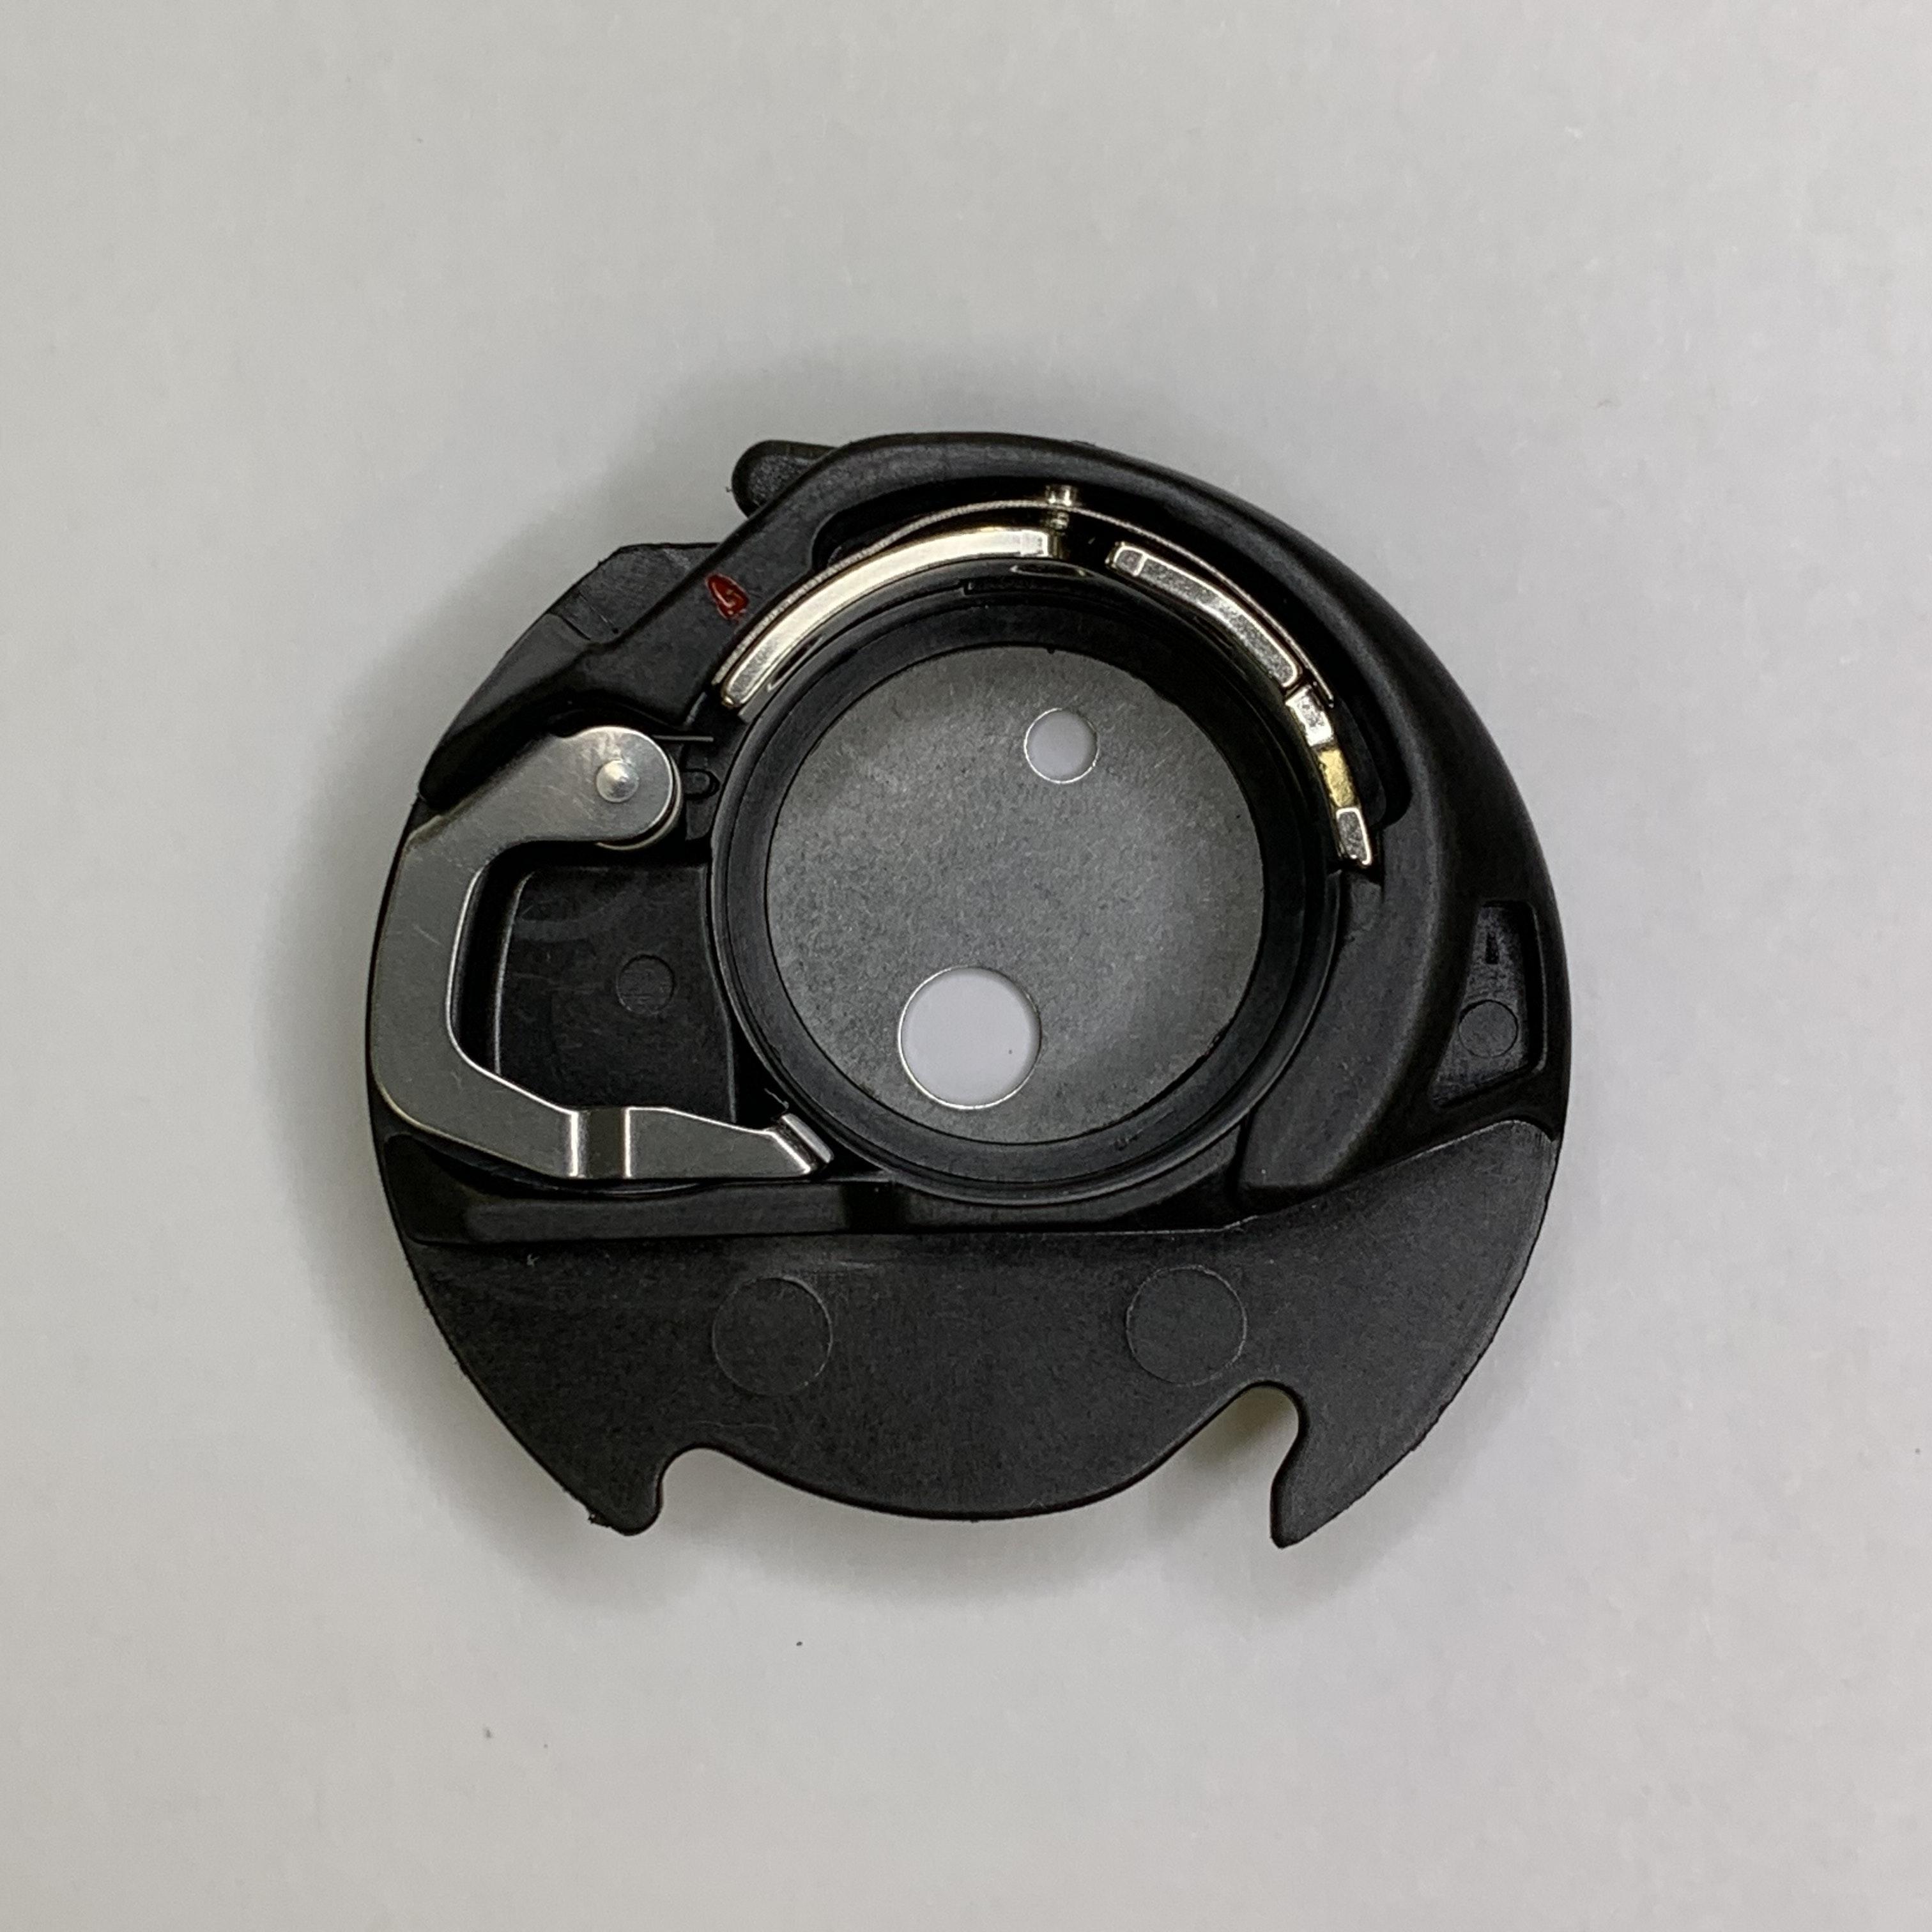 MC15000V3 Quilt Maker MC15000 Horizon Sew-link Hook Holder Unit for Janome MC6700P